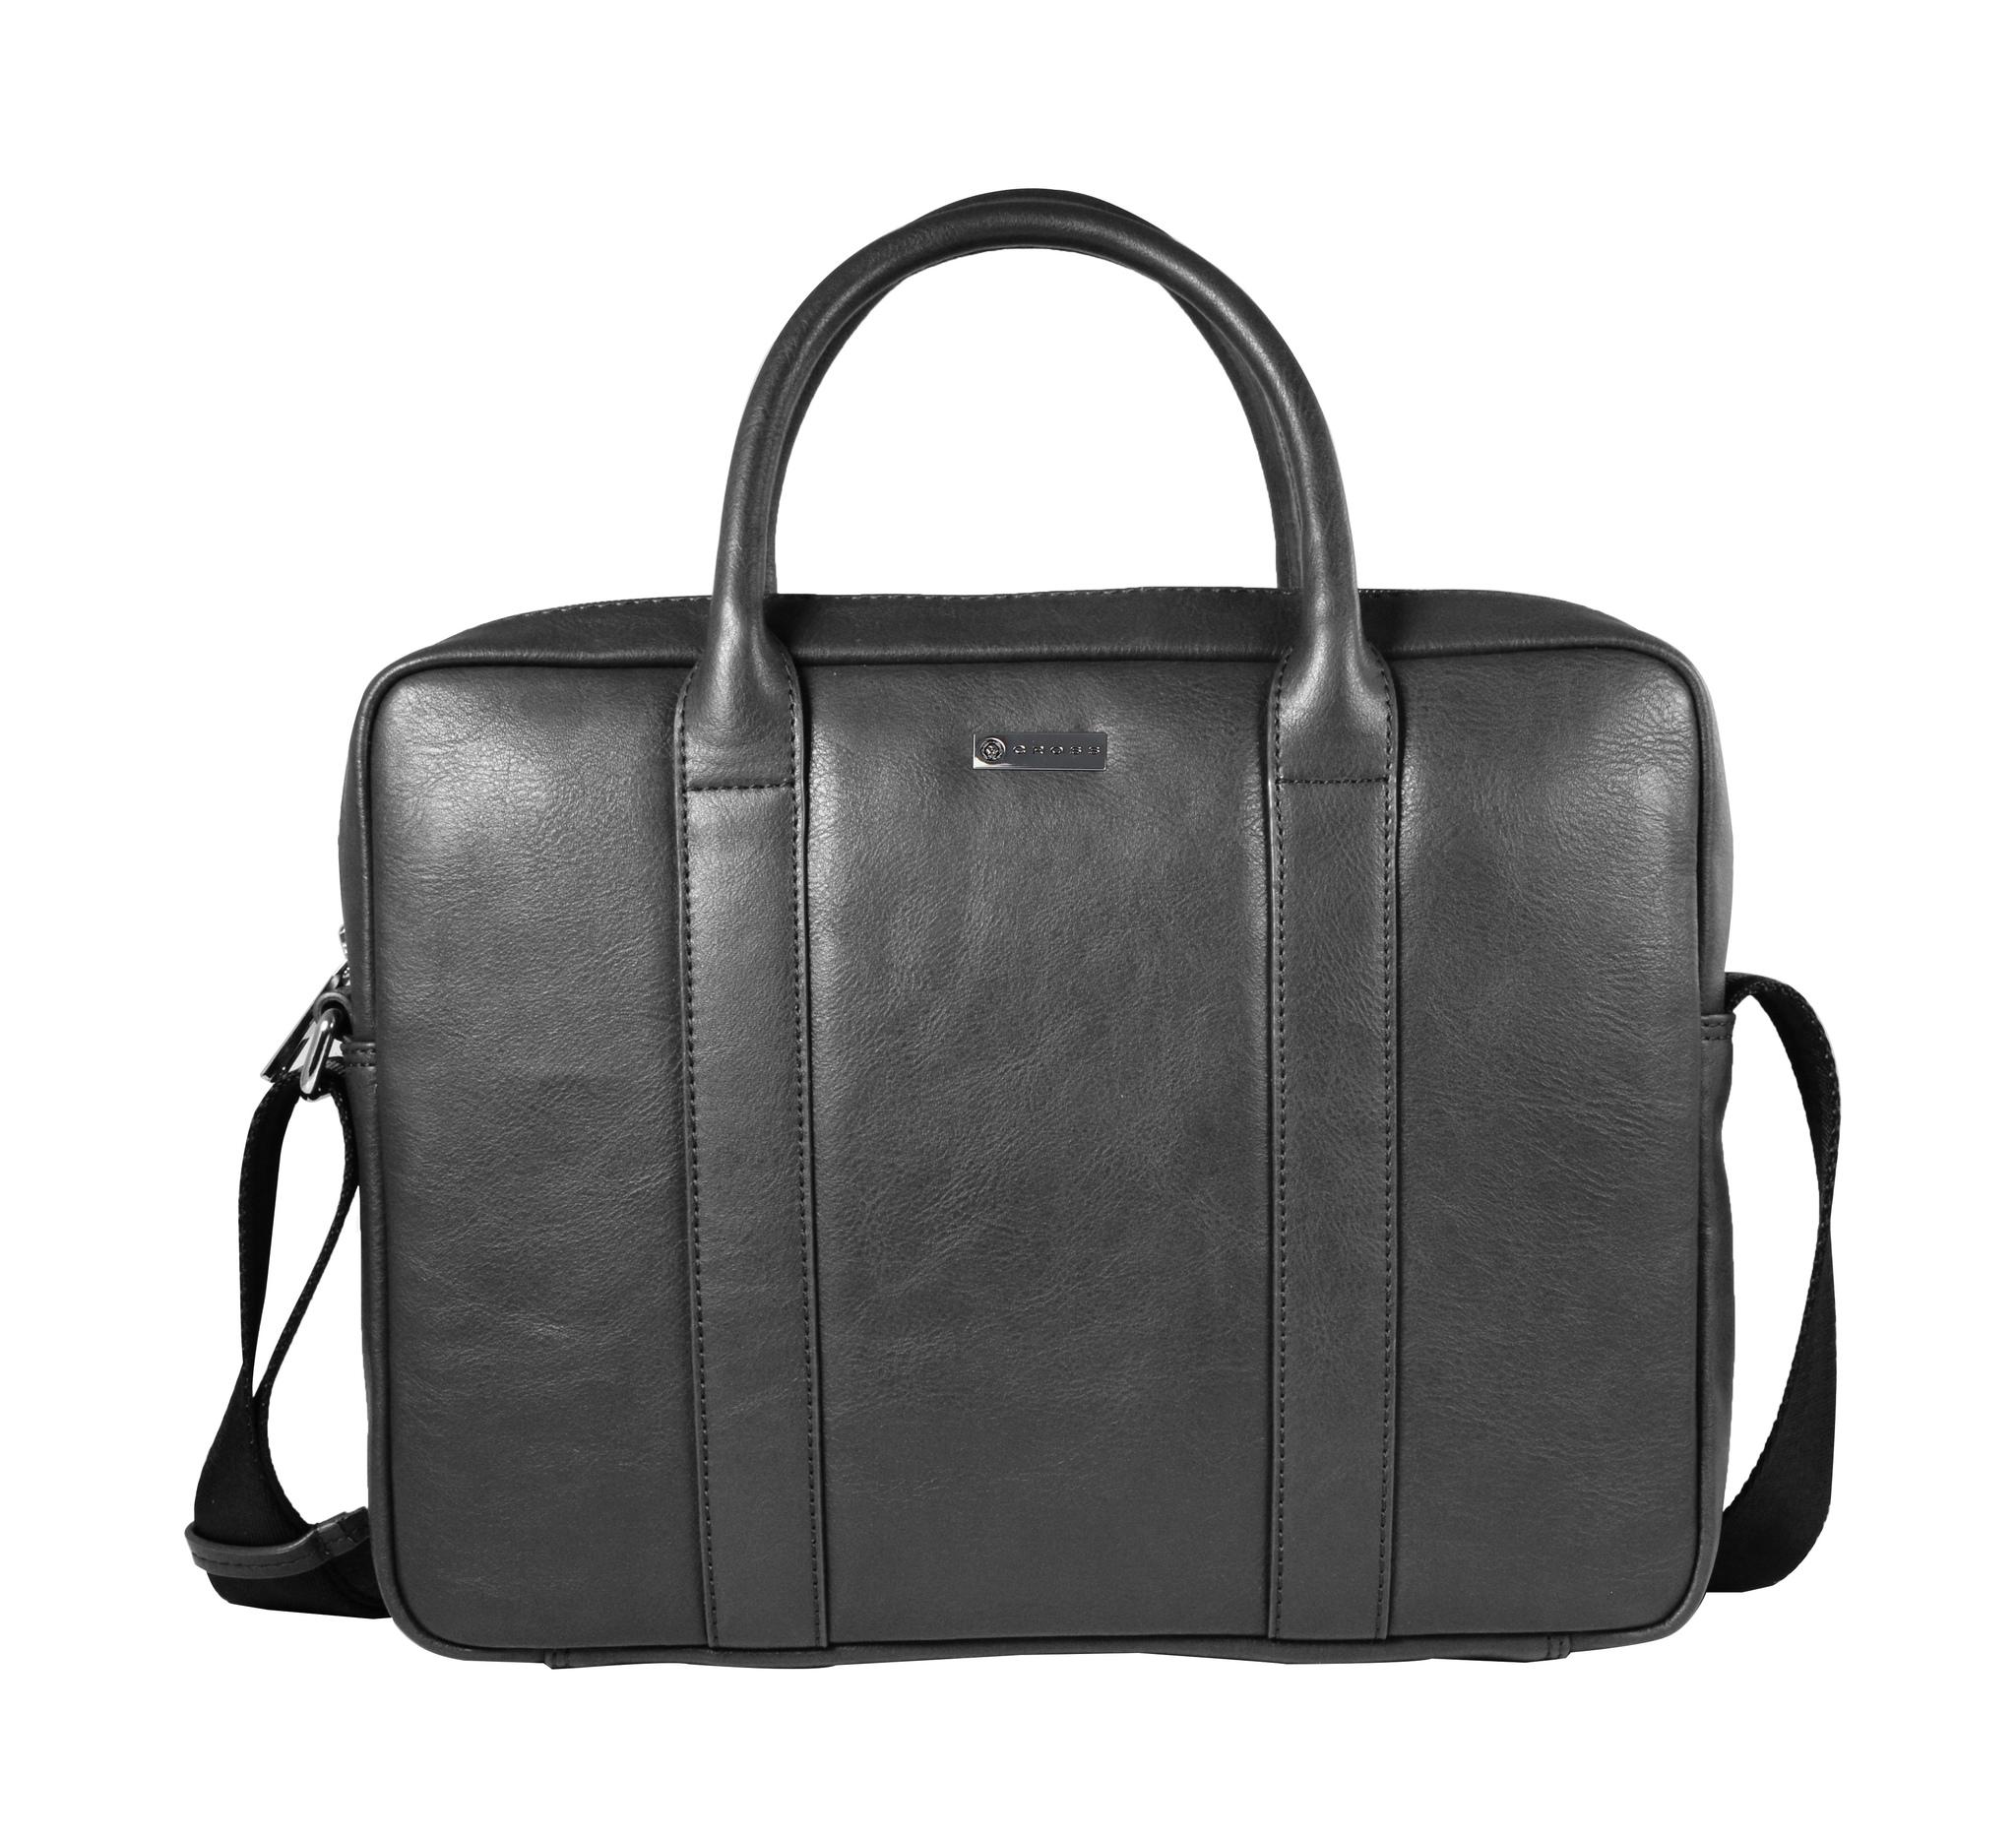 Кожаная деловая сумка Cross Insignia Express